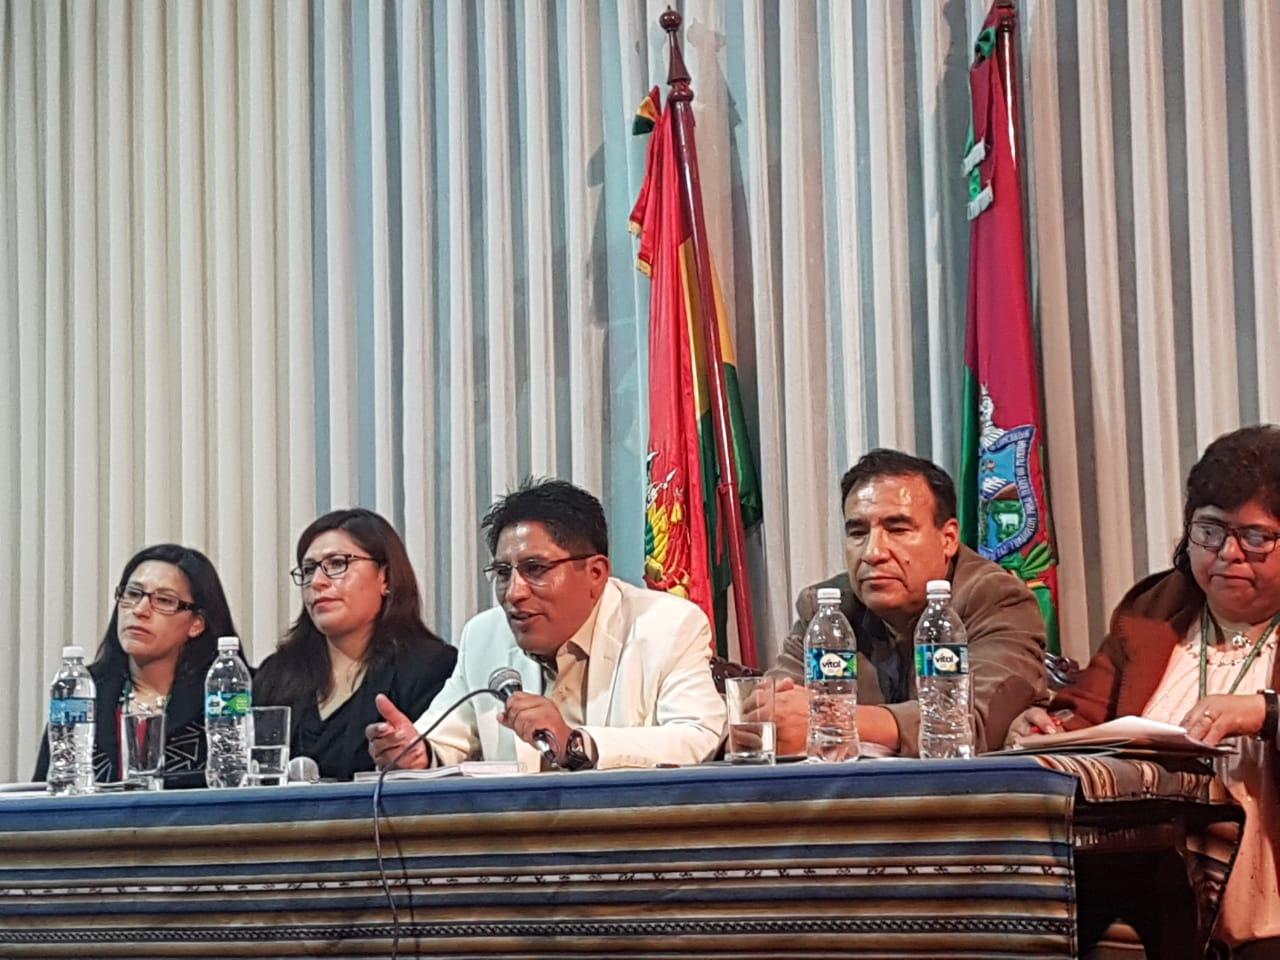 Gobernación de La Paz se reunirá con el Ministerio de Salud para tratar el convenio del SUS